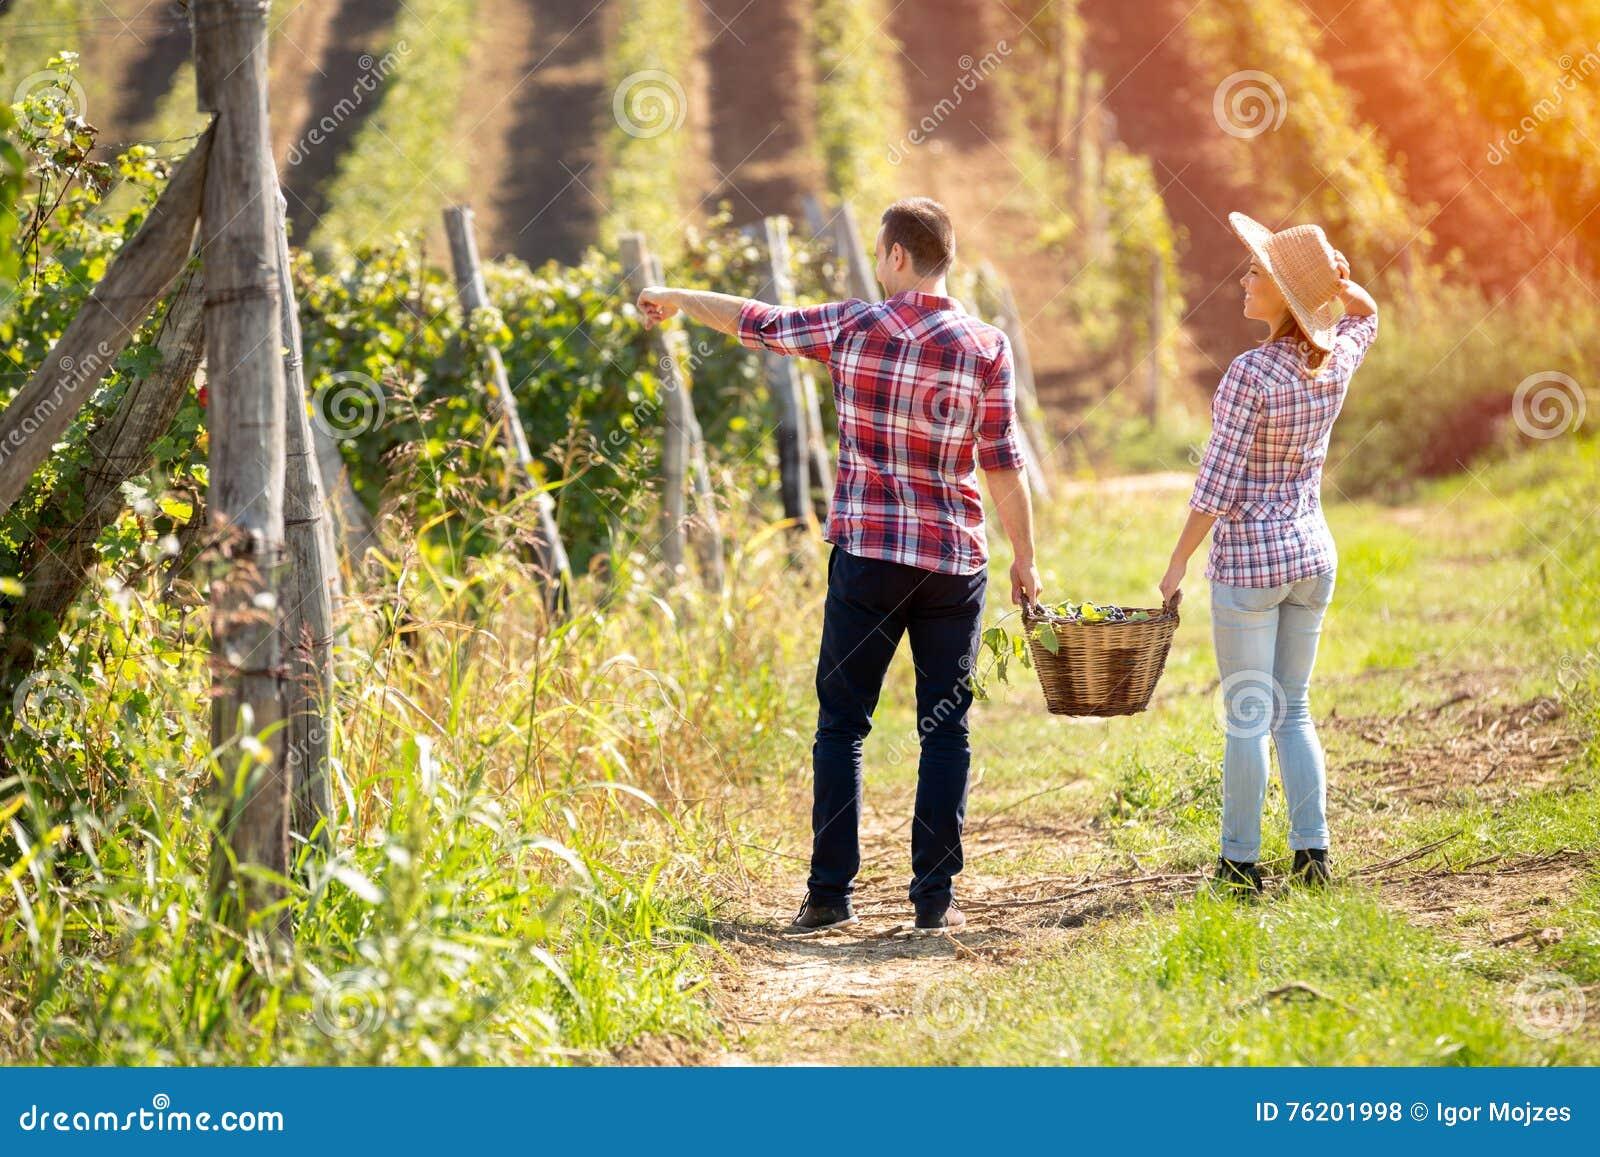 Vista trasera de los pares jovenes que caminan en el viñedo